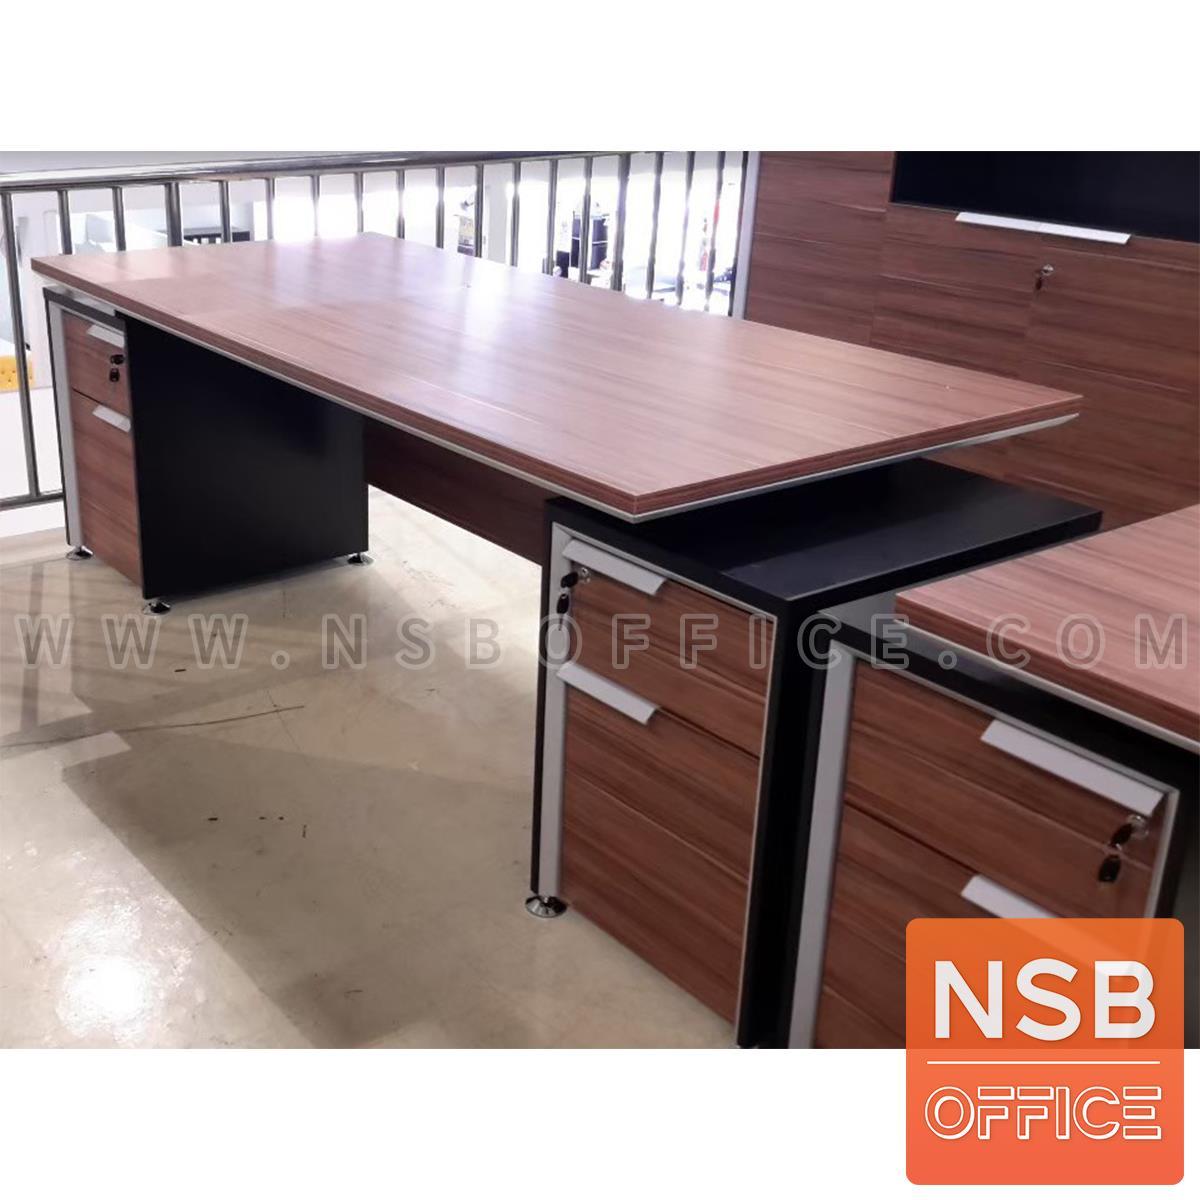 โต๊ะผู้บริหารทรงสี่เหลี่ยม 4 ลิ้นชัก  รุ่น Tinker (ทิงเกอร์) ขนาด 225W cm. ขาเหล็กอัลลอยชุบโครเมี่ยม สีวอลนัทตัดดำ